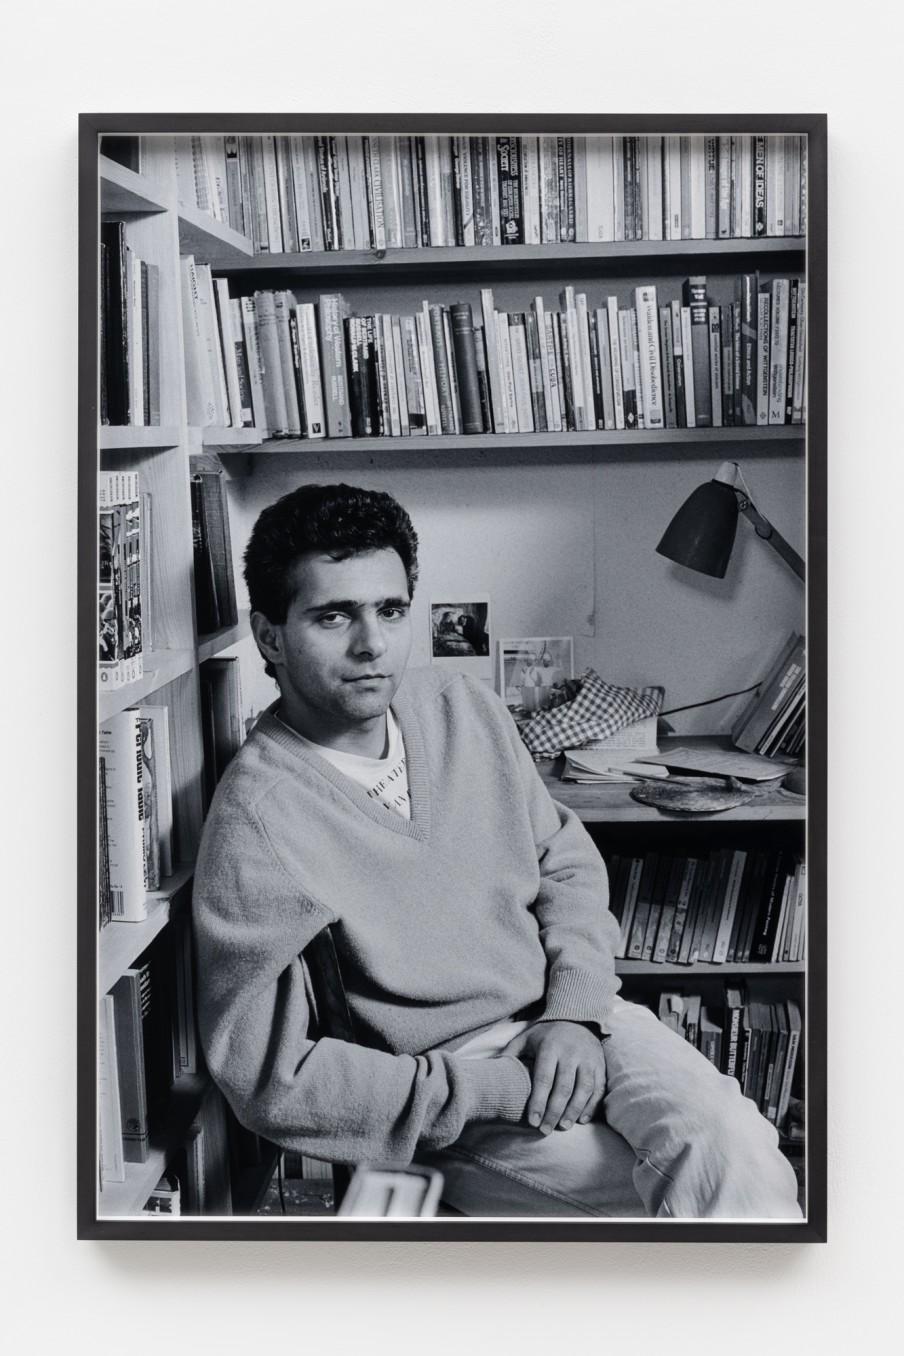 Sunil Gupta Writer, 1986/2021 Archival inkjet print Print: 90.9 x 59.5 cm 35 3/4 x 23 3/8 in